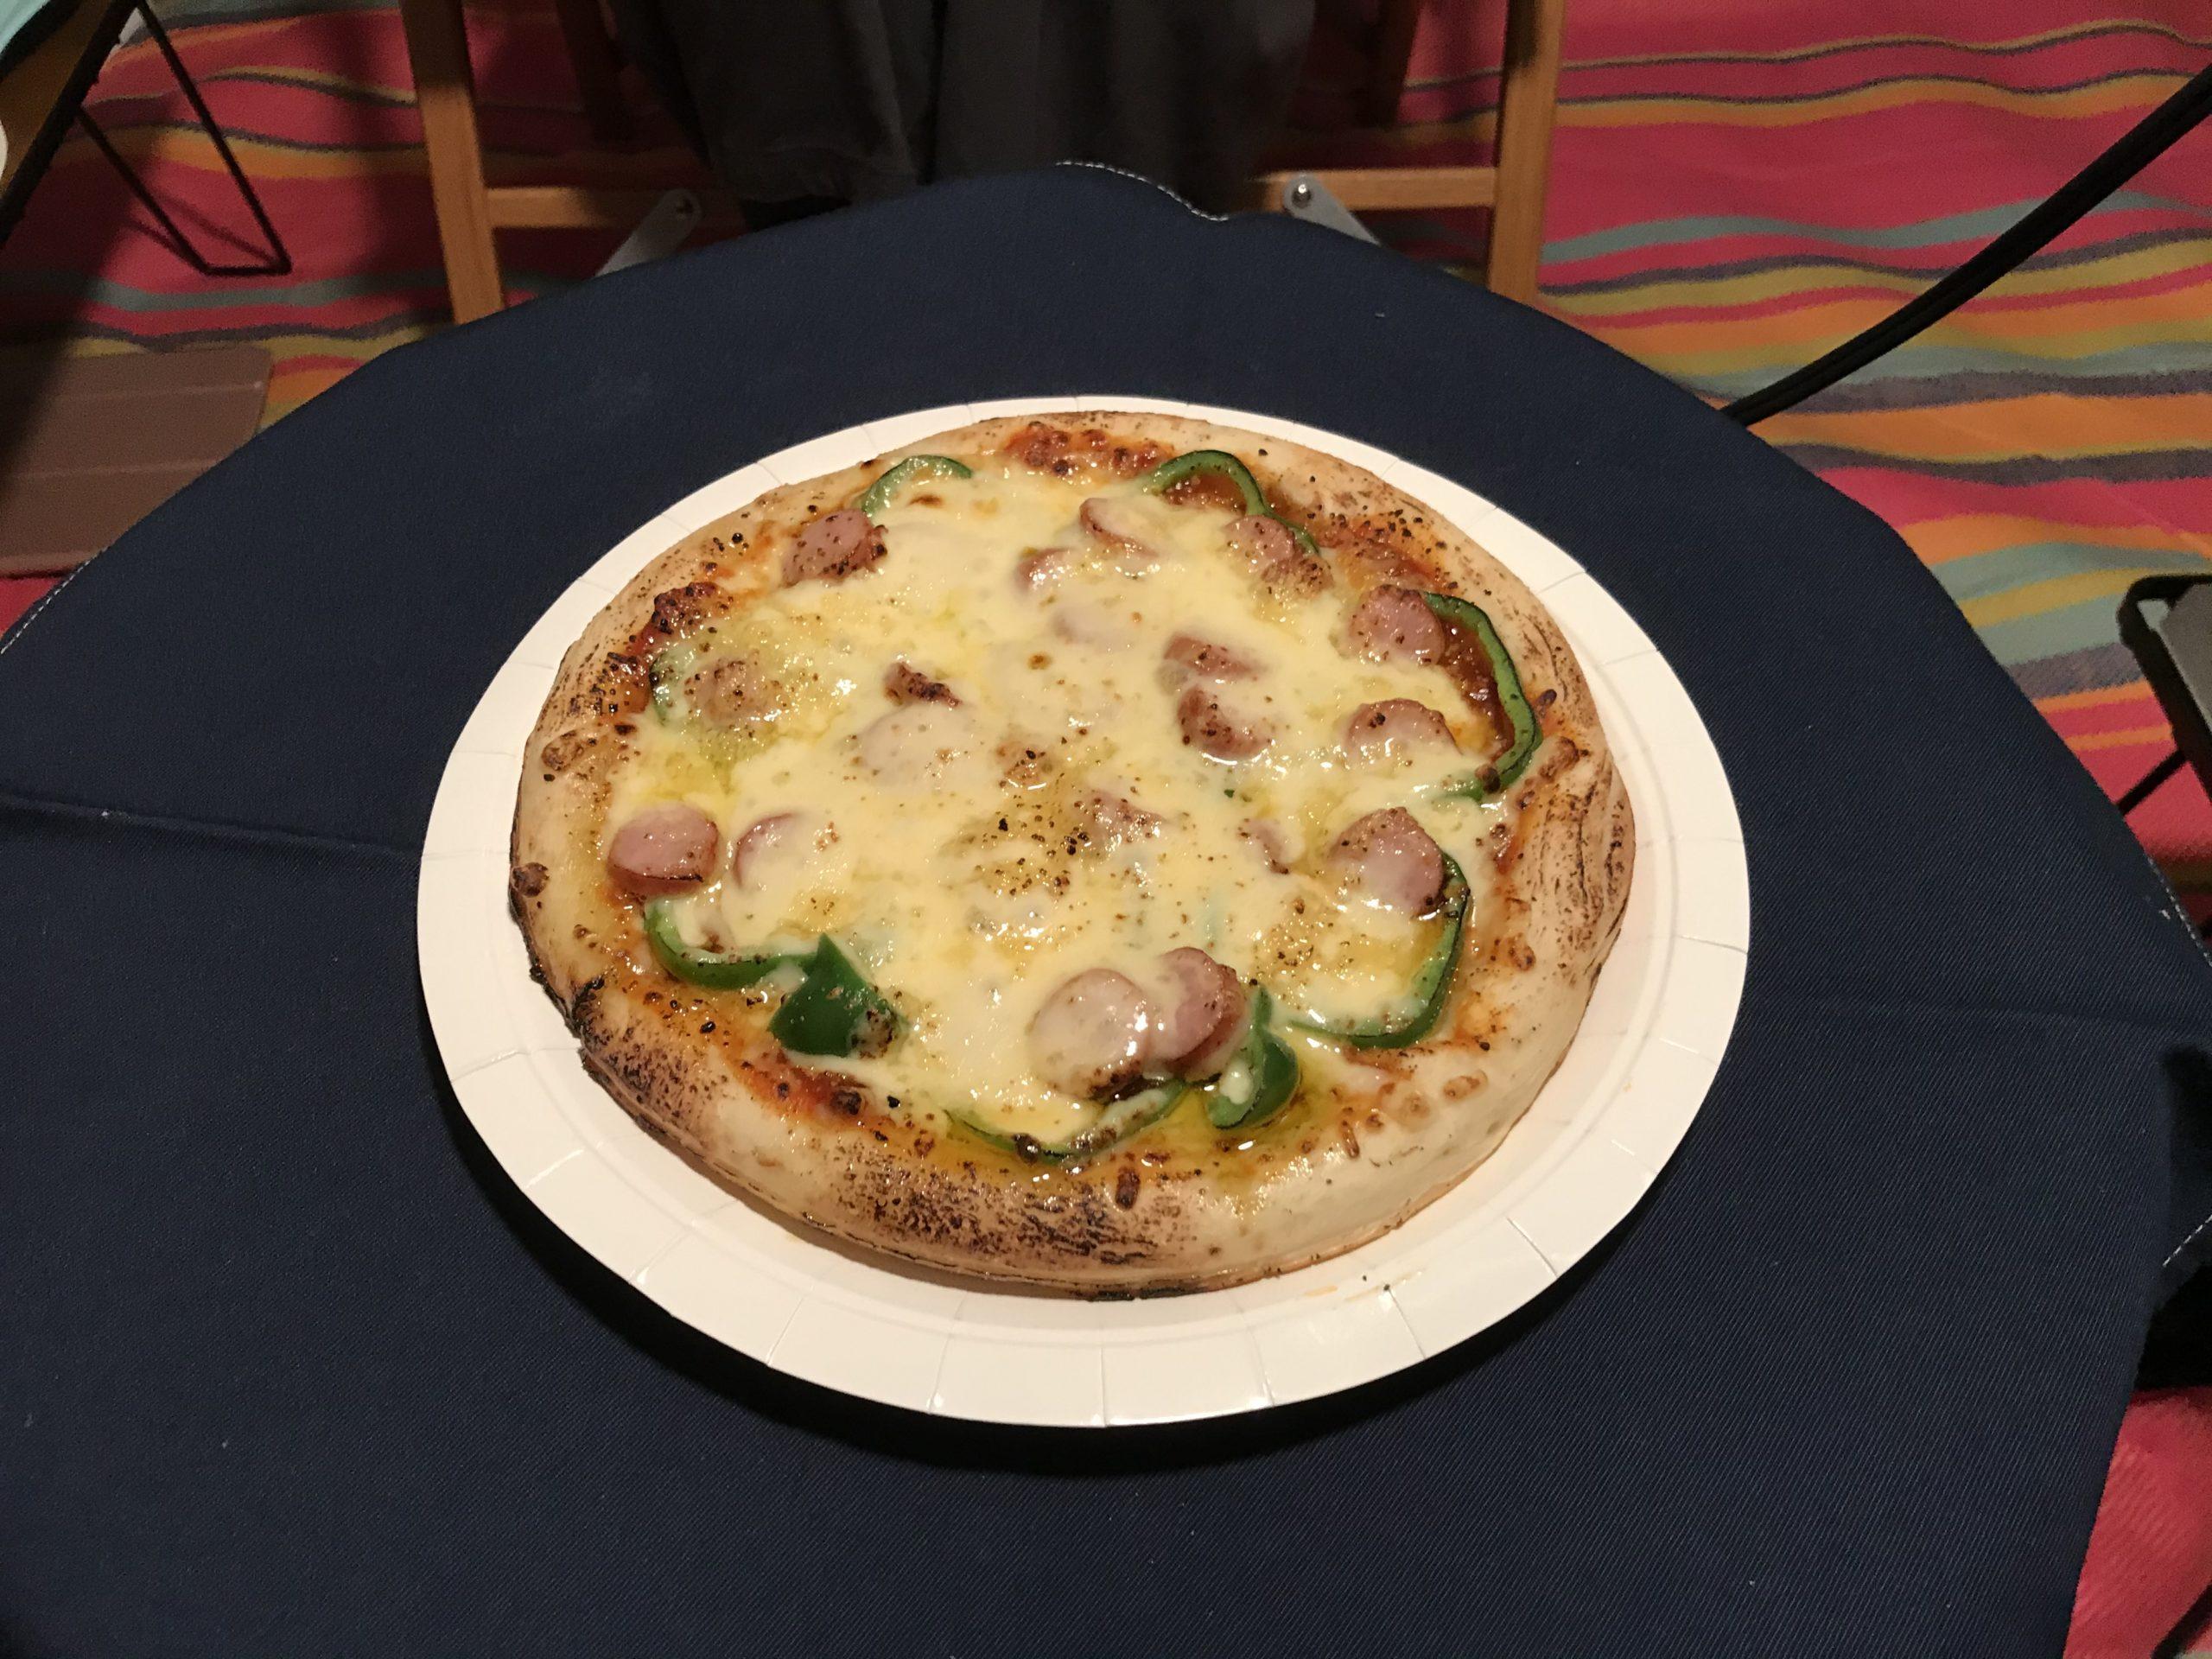 ピザ窯の代用品でピザを作る(実戦編2)